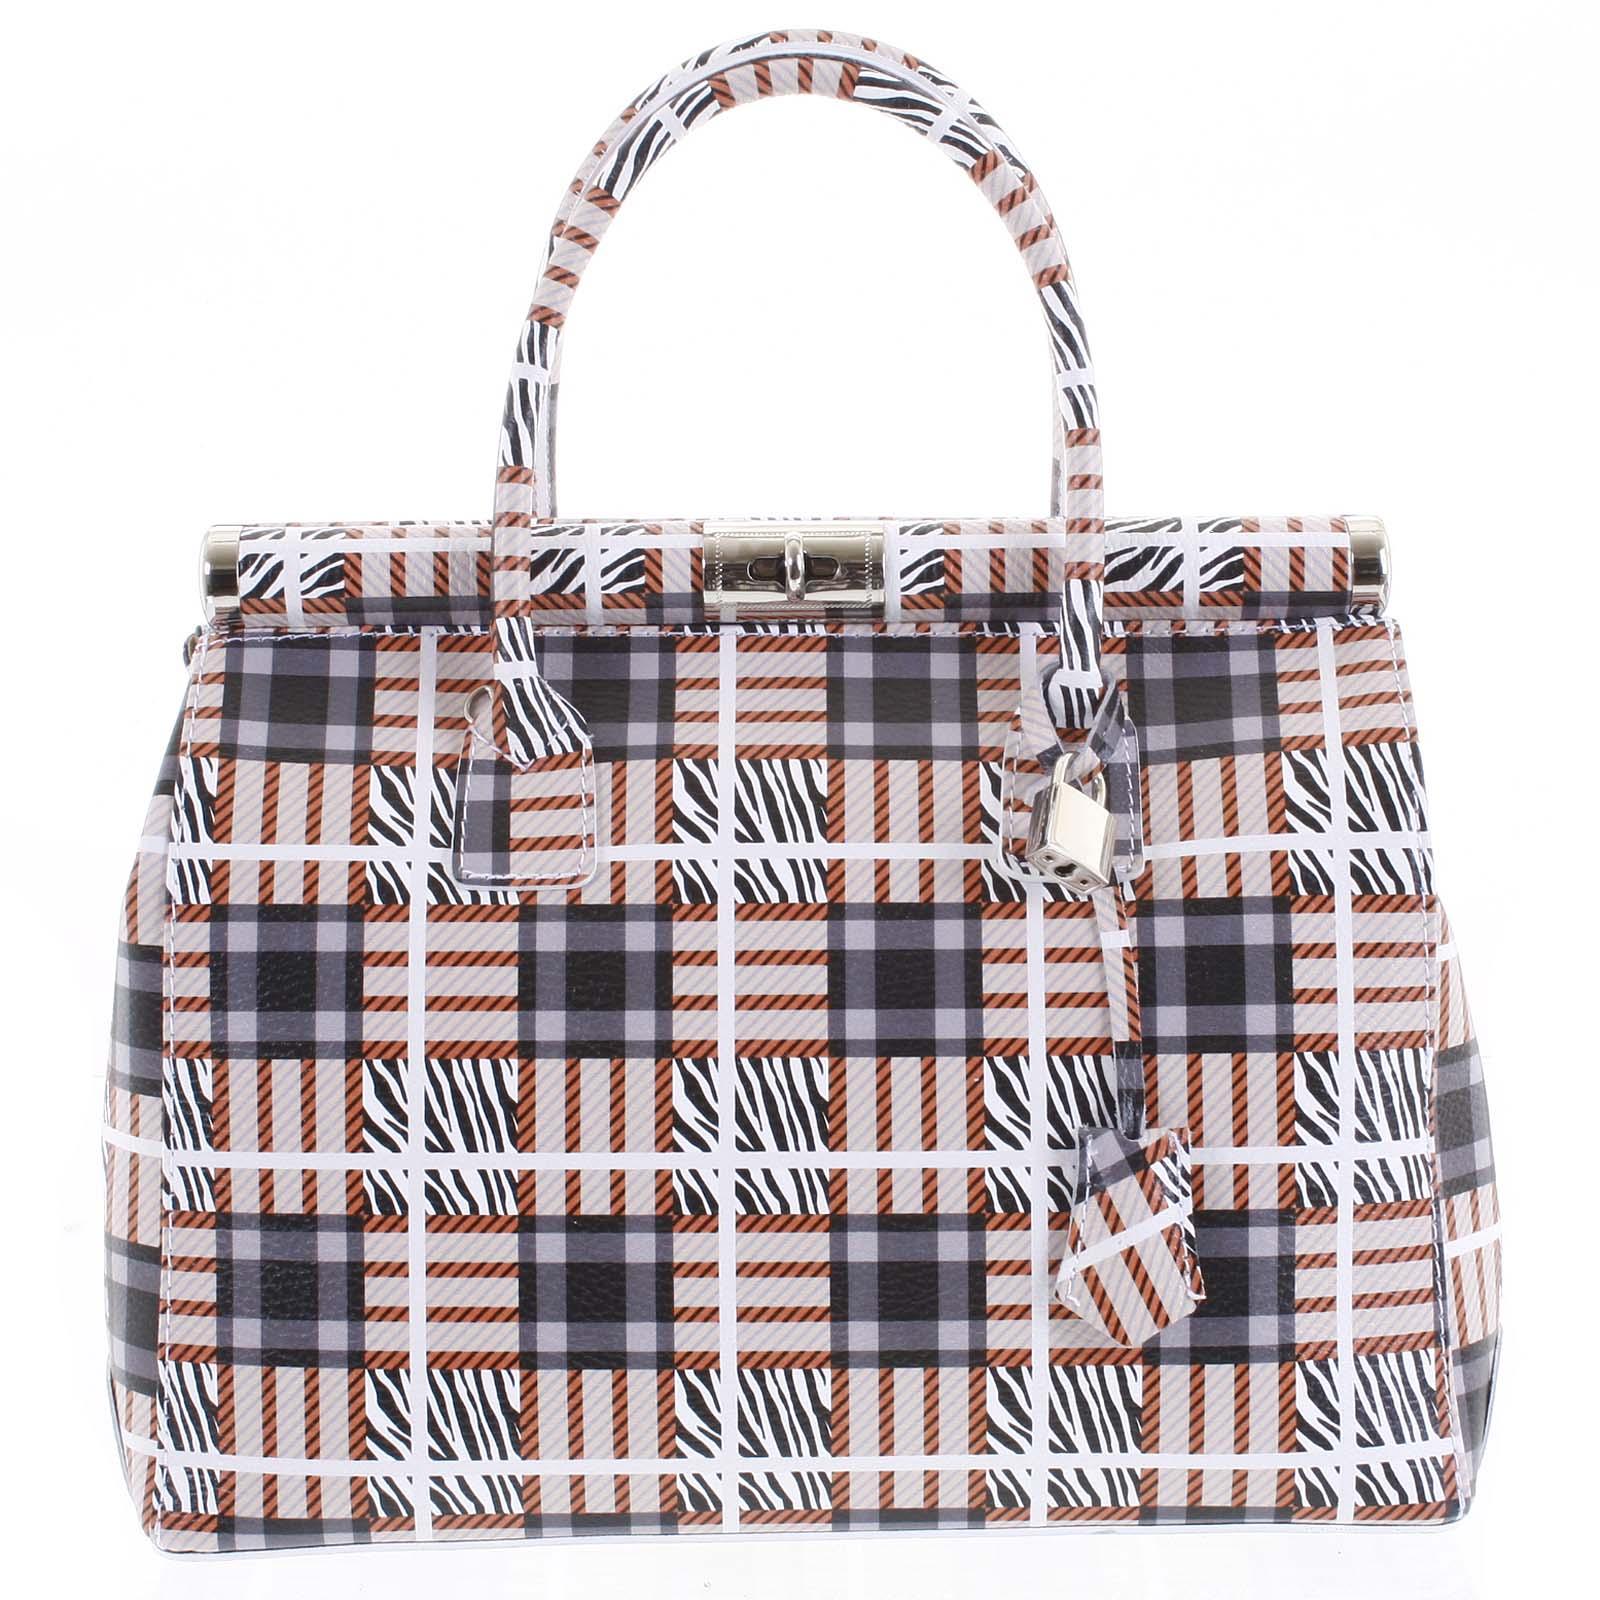 Módna originálny dámska kožená kabelka do ruky farebná - ItalY Hila farebná